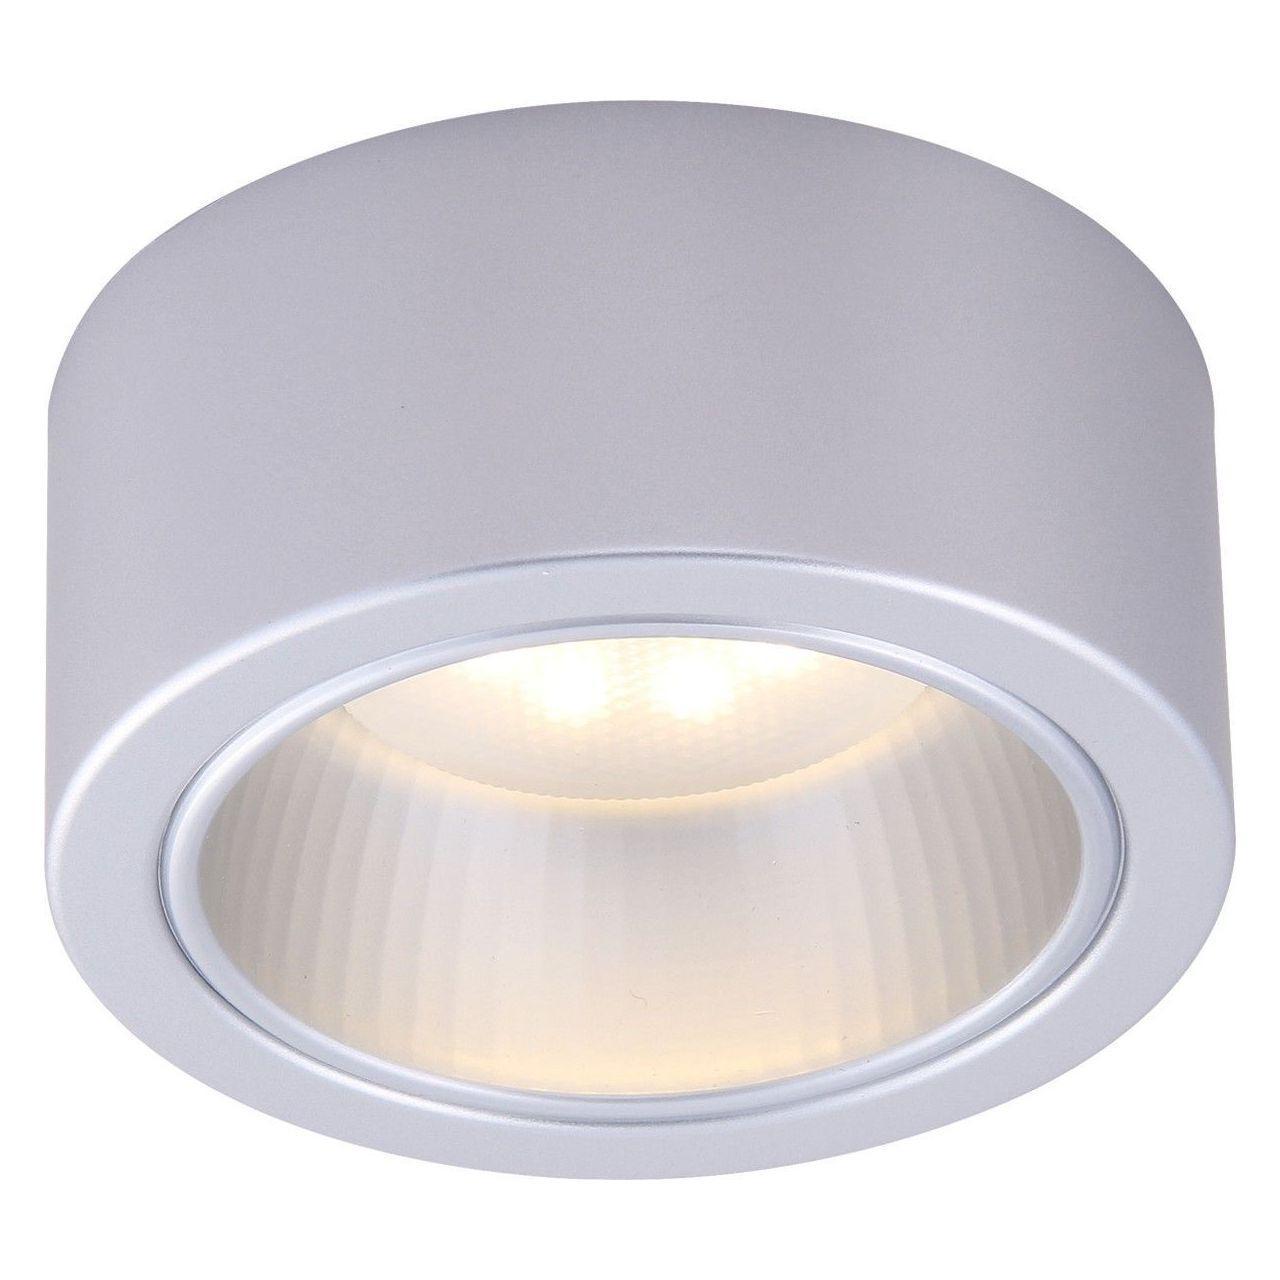 Потолочный светильник Arte Lamp Effetto A5553PL-1GY